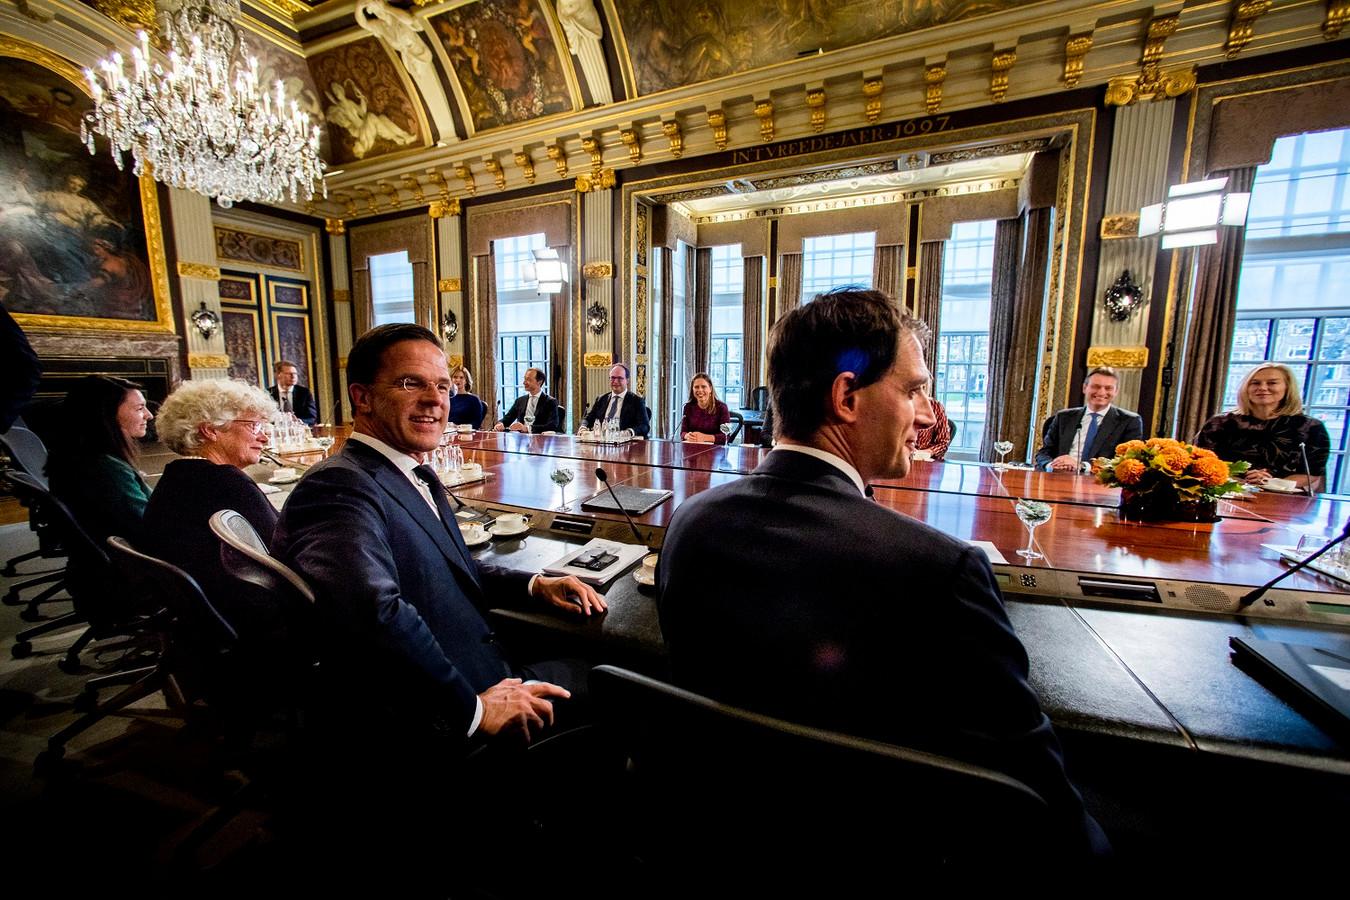 De ministerraad van het kabinet Rutte-III in de Trêveszaal op het Binnenhof